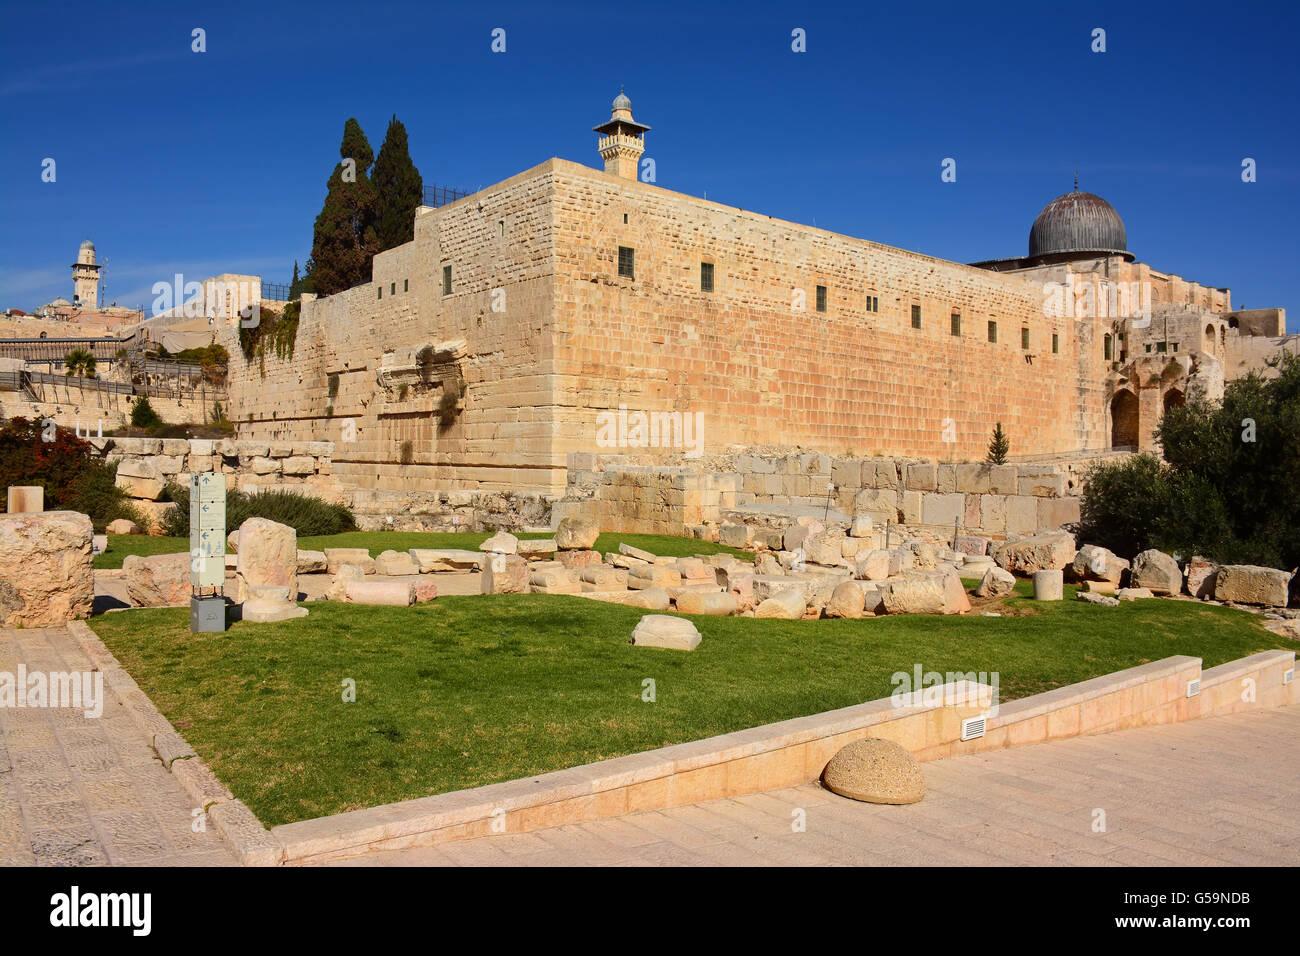 Temple mount, South  side, Jerusalem, Israel - Stock Image